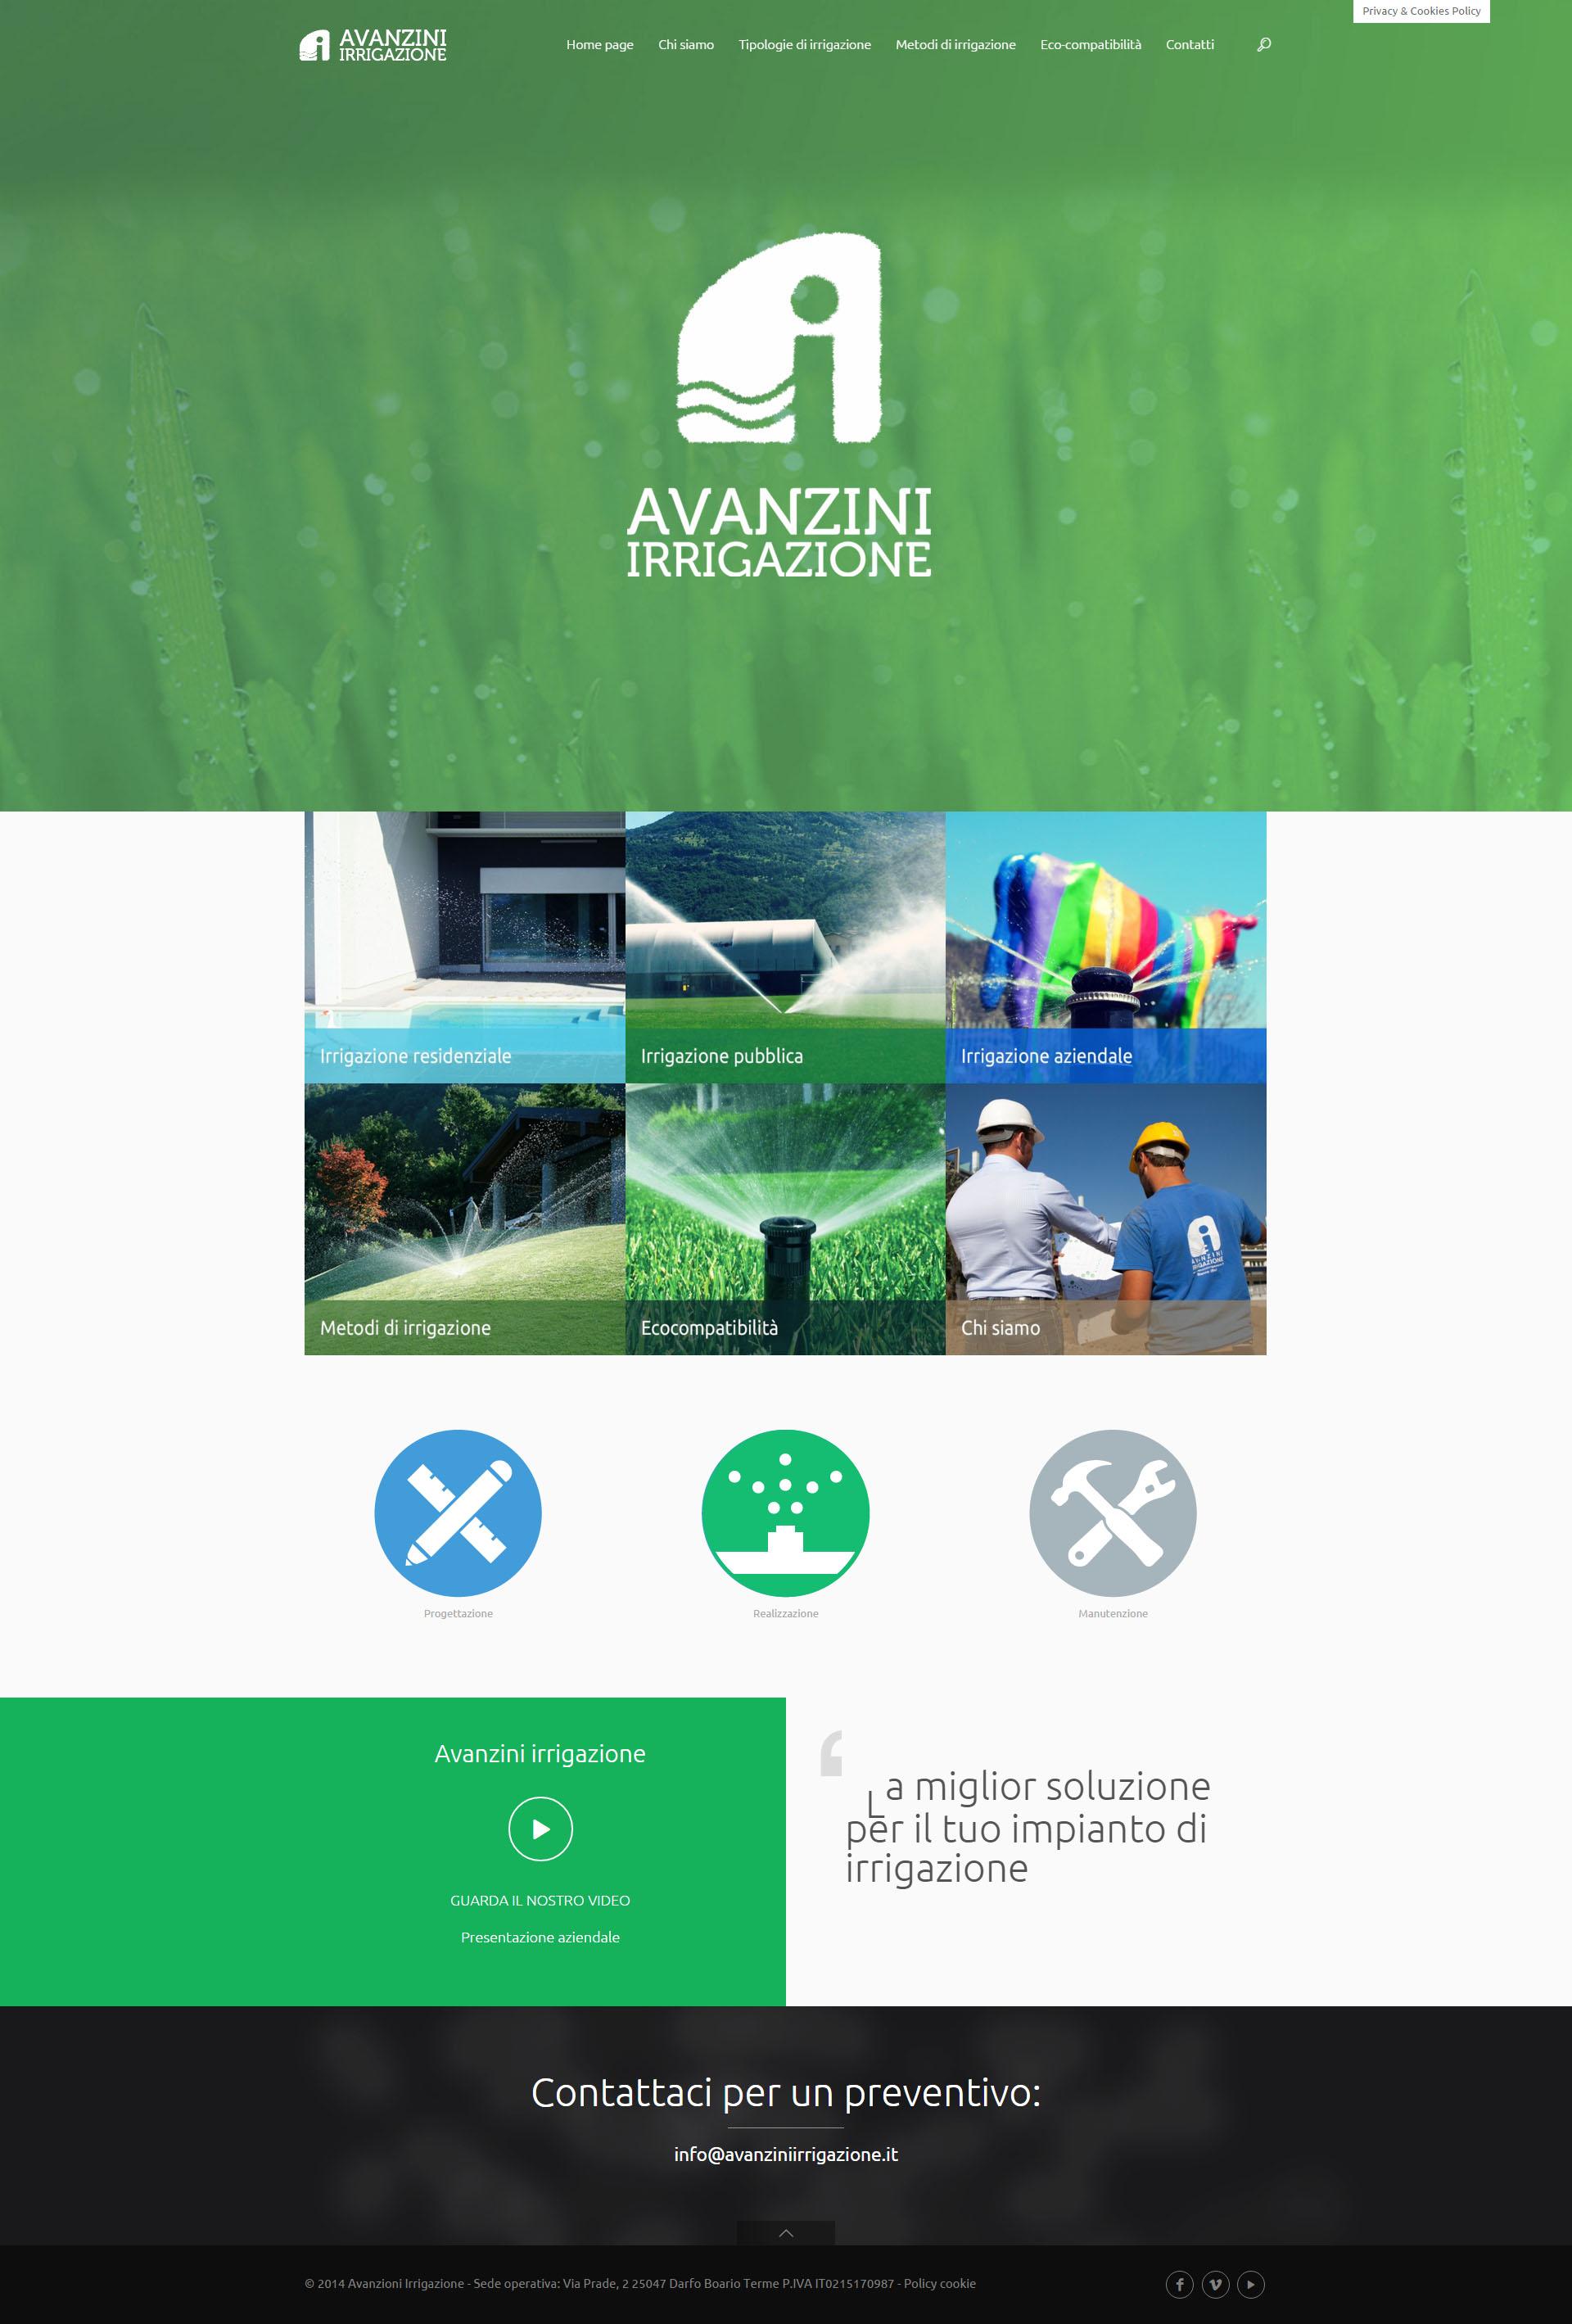 siti-internet-seo-newsletter-social-network-avanzini-irrigazione-contessi-fostinelli